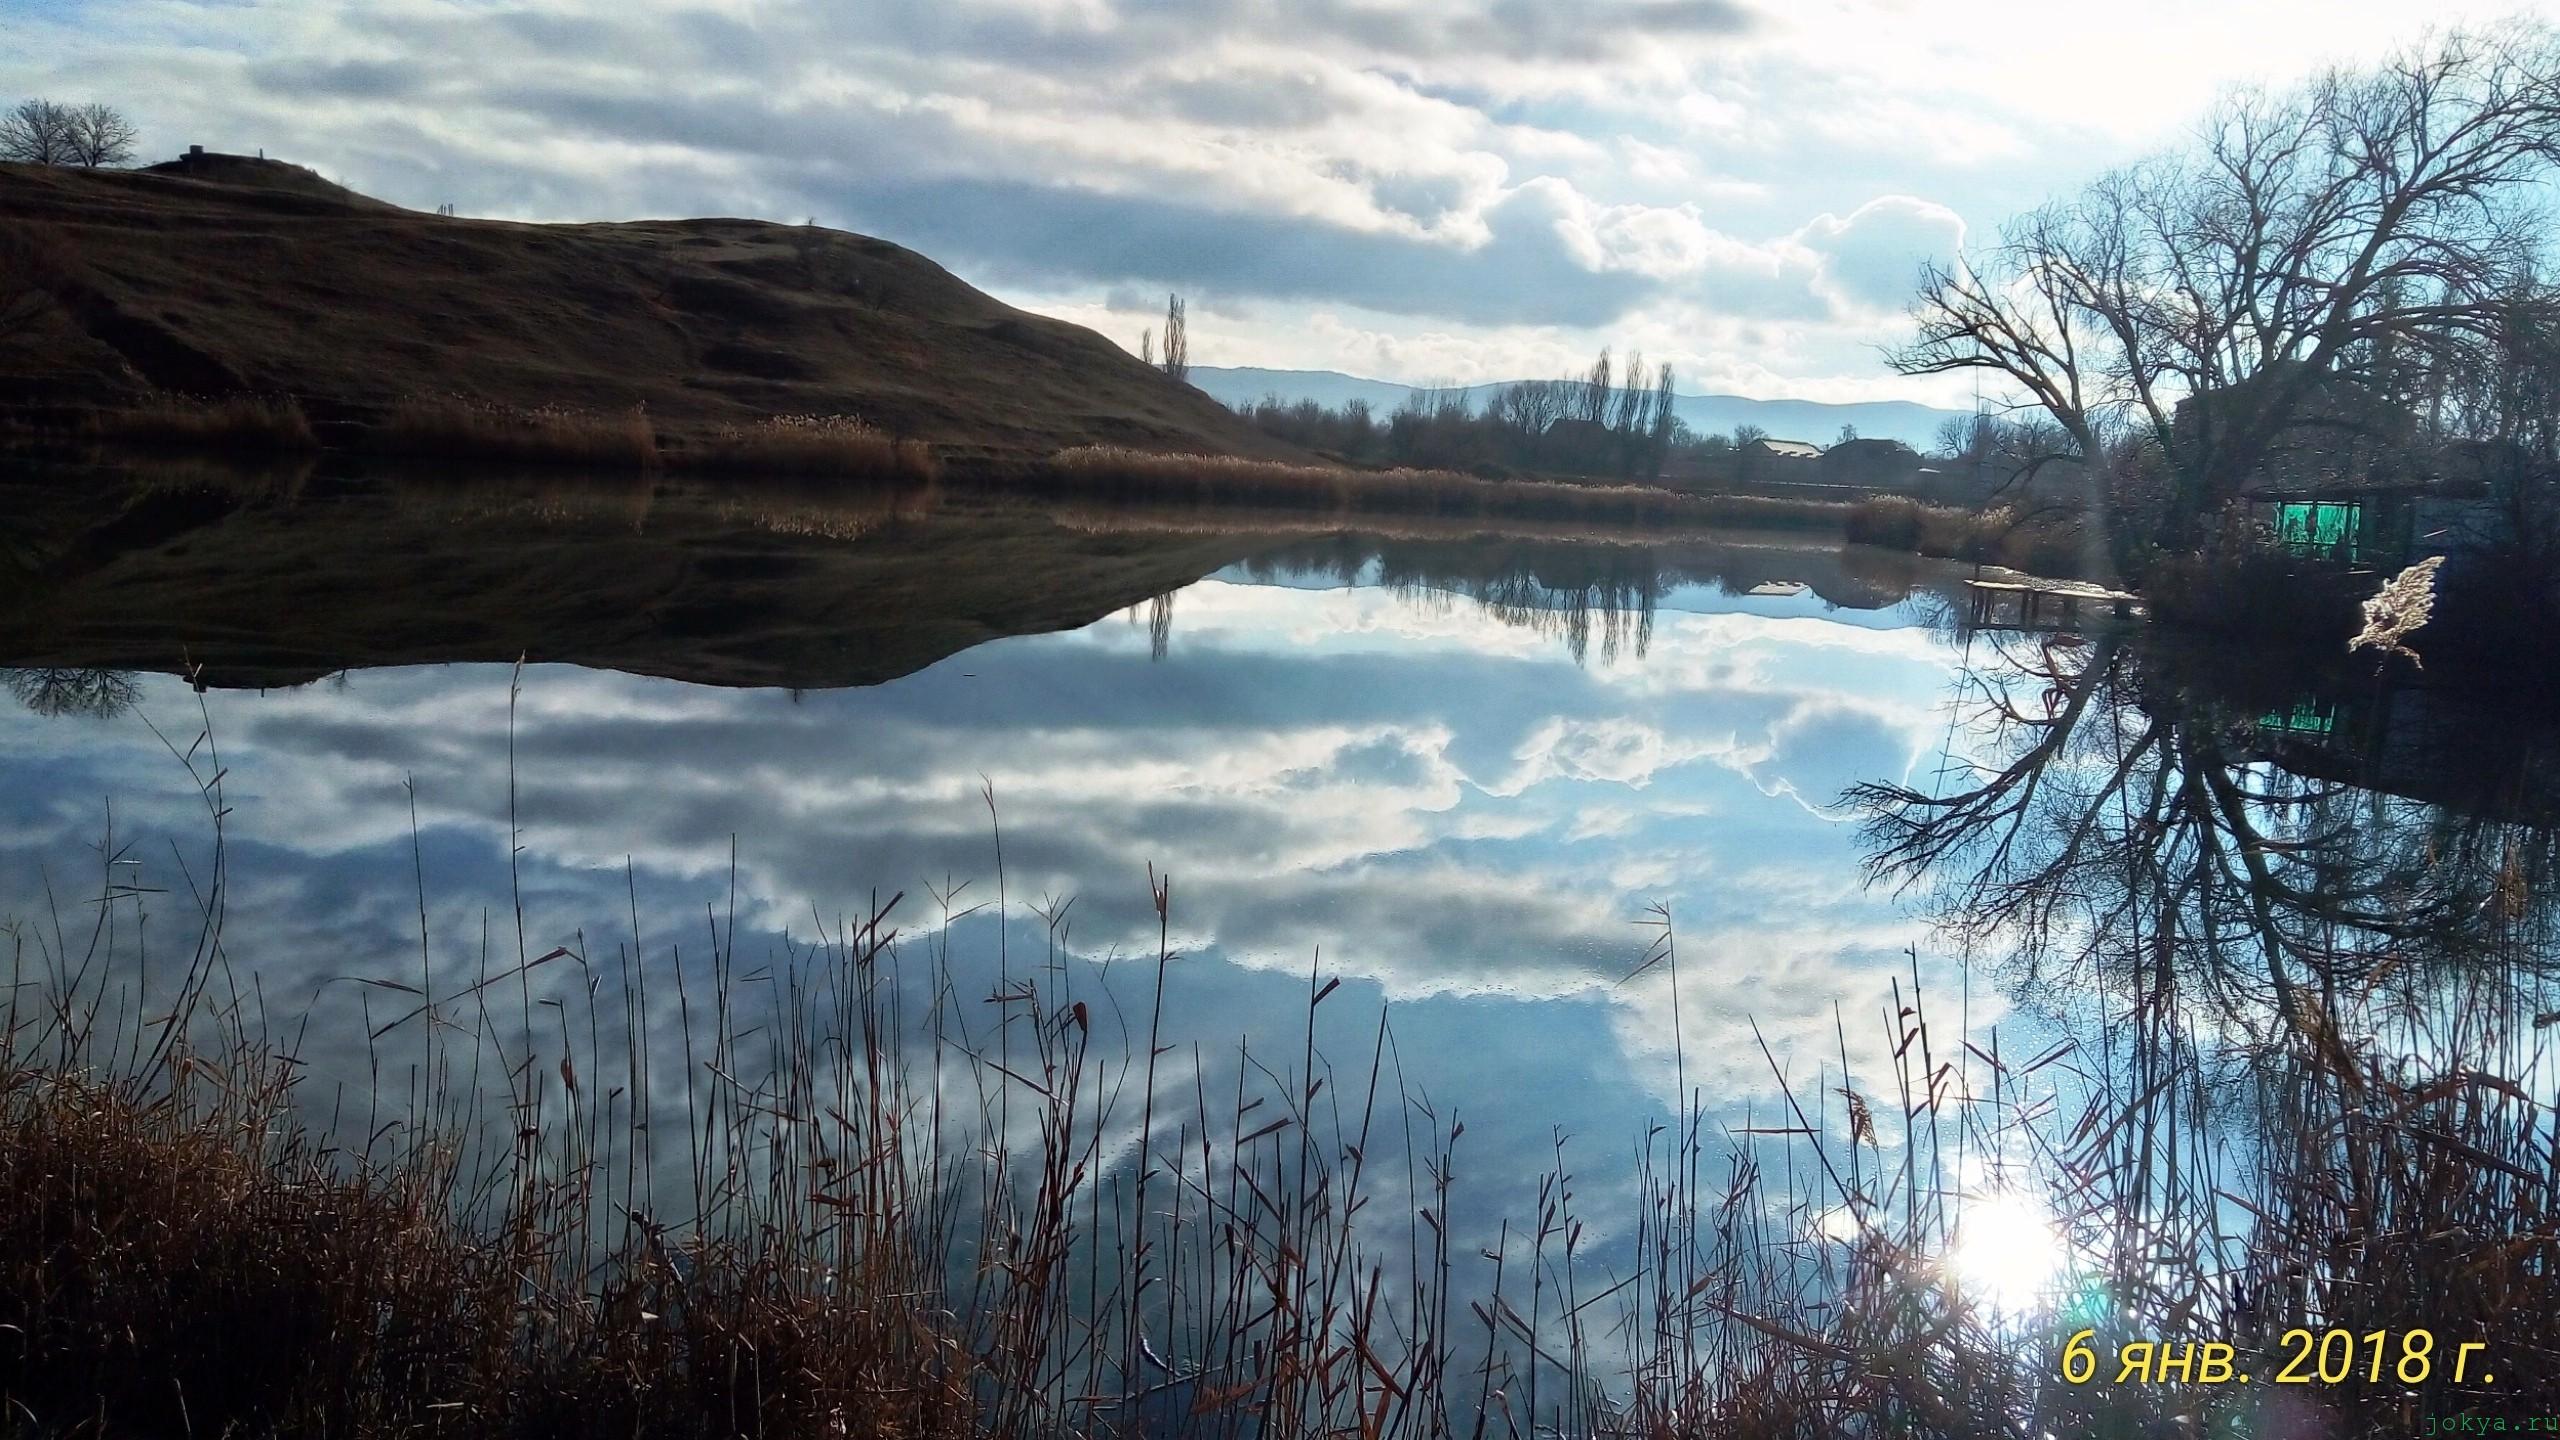 Моя рыбалка в селе Чернополья 6 января 2018 года фото заметка из моей реальности в Крыму jokya.ru